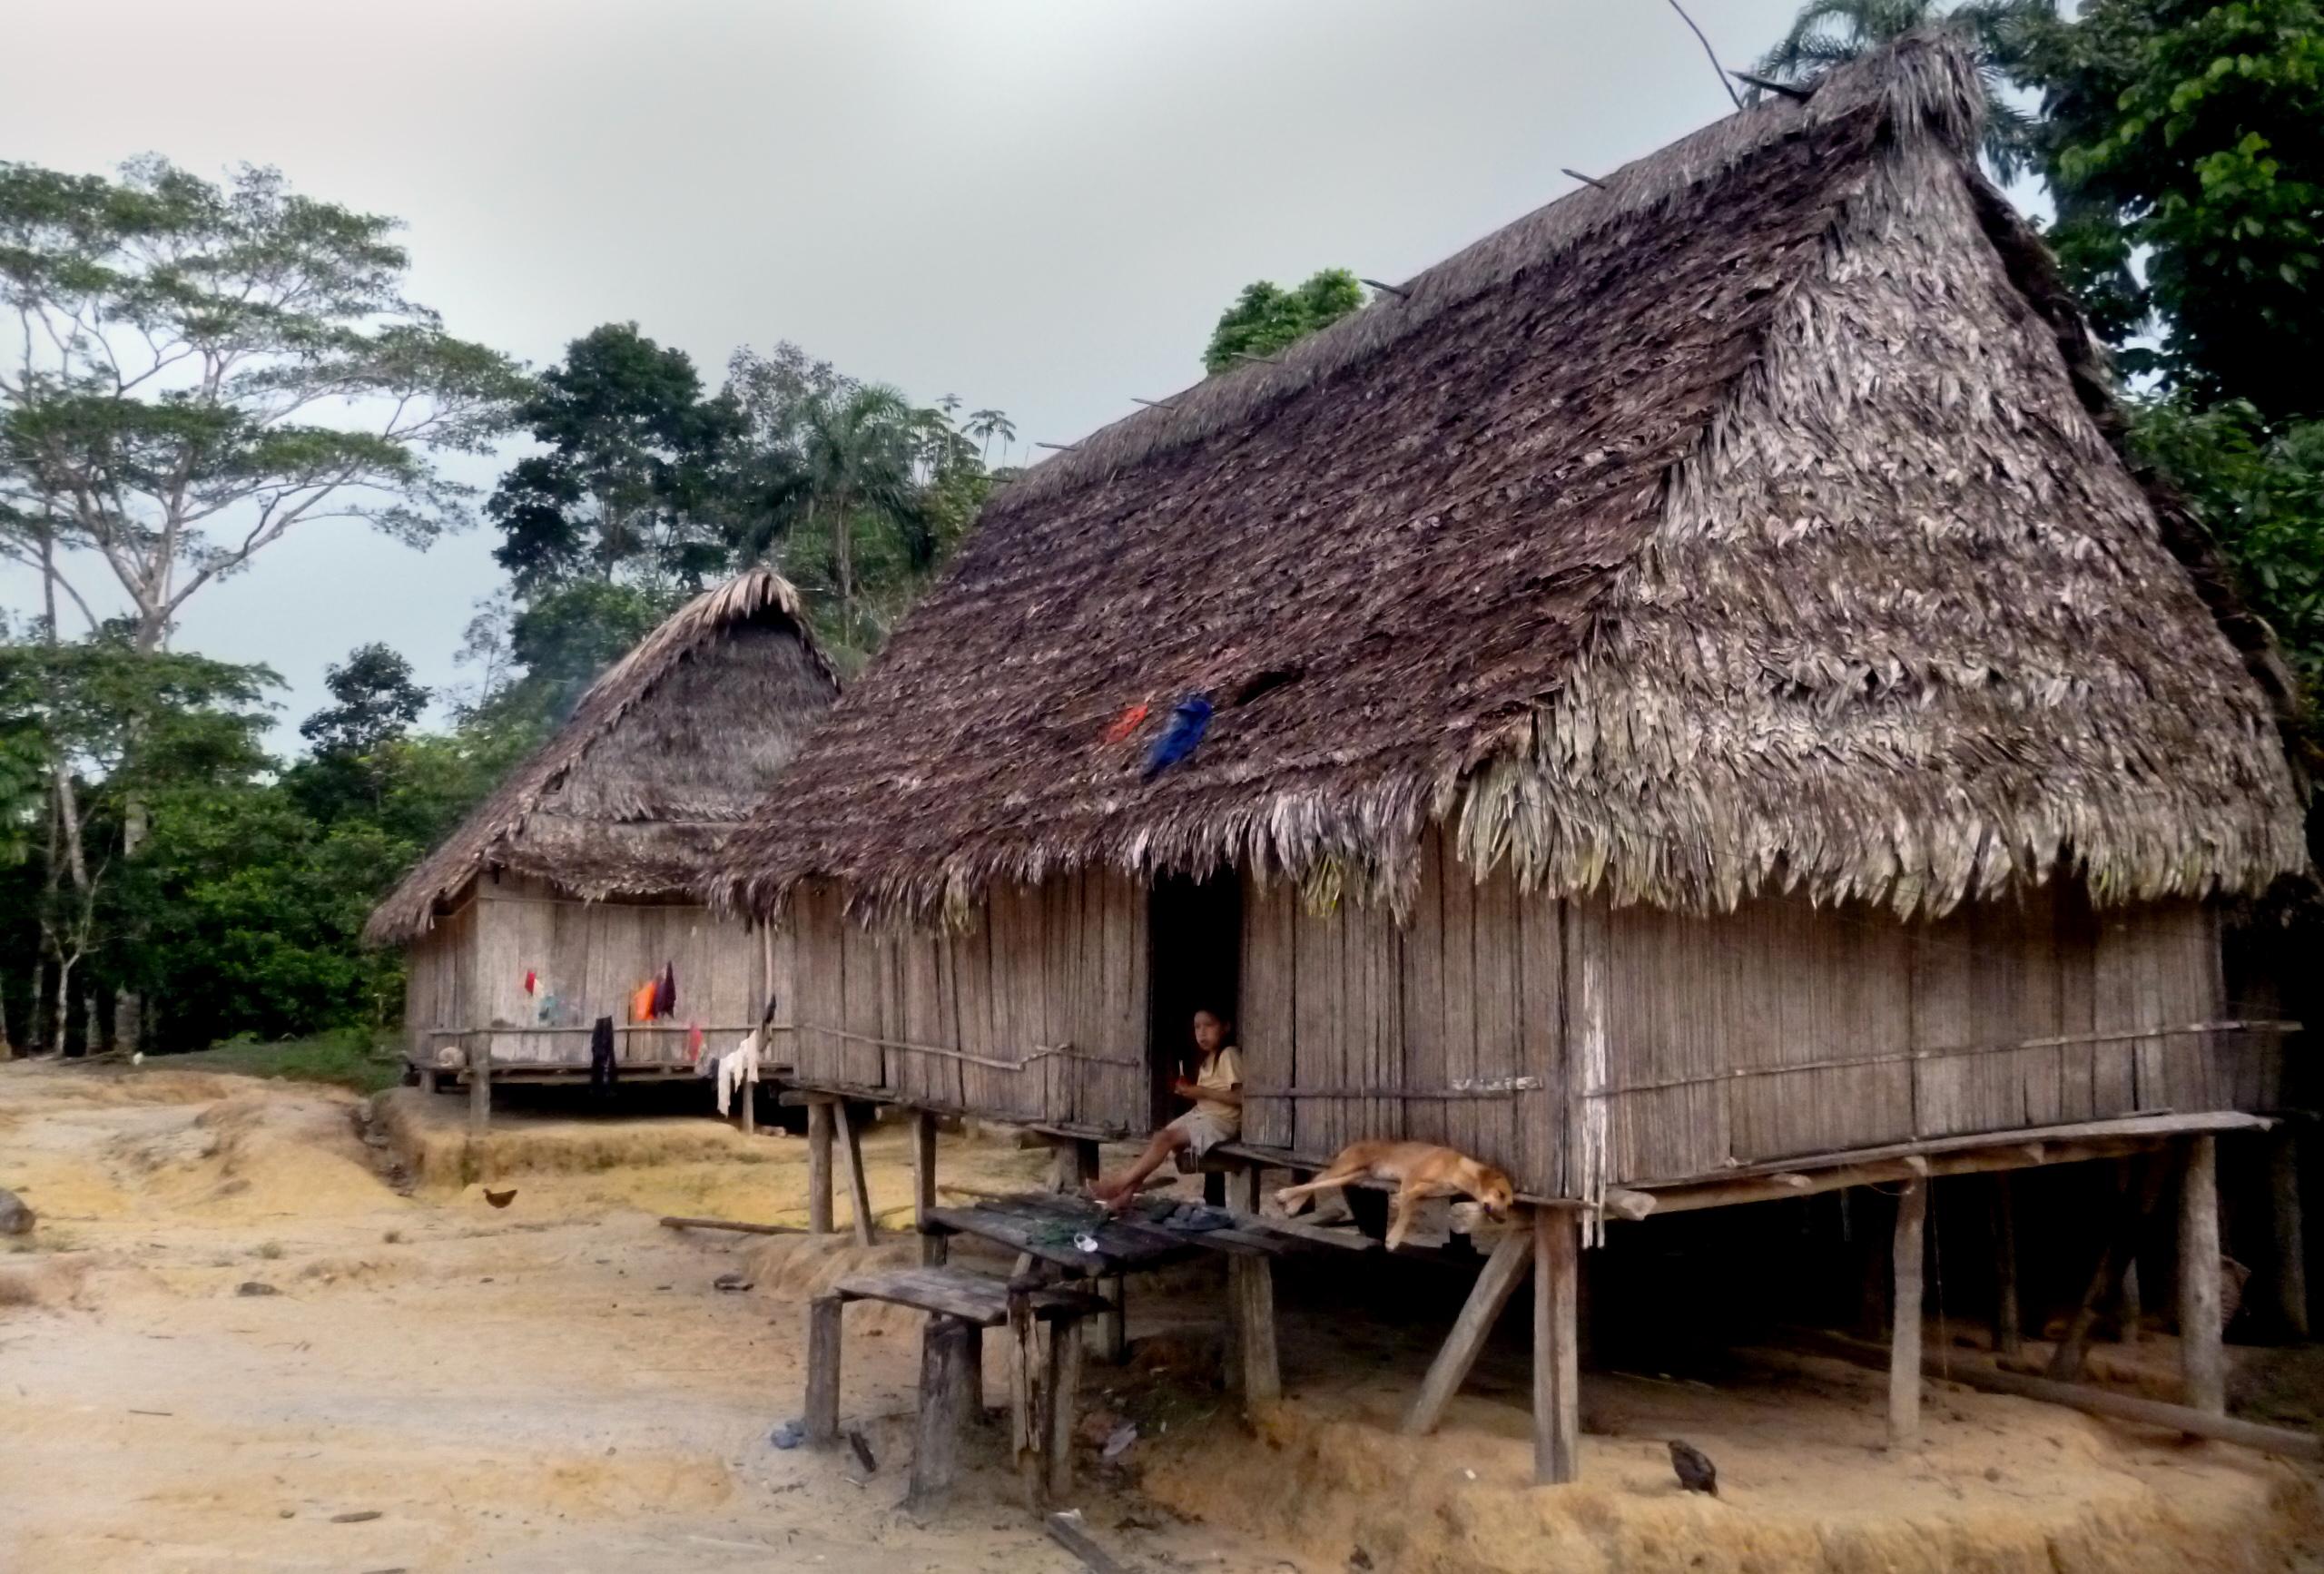 Vale do Javari, no Amazonas, vive dias de apreensão com chegada da Covid-19 e aumento de invasões